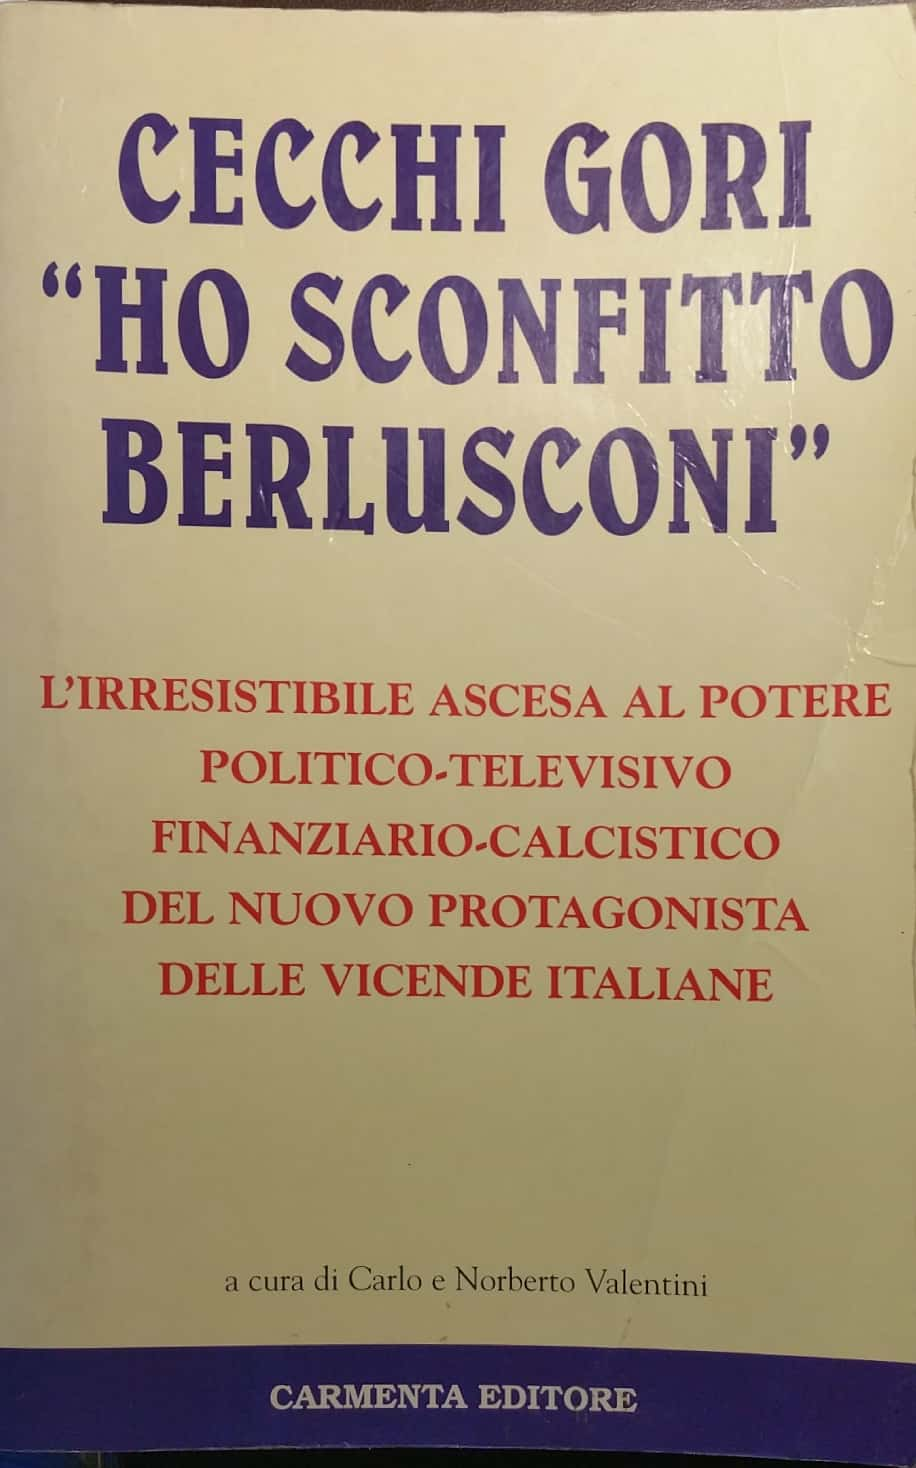 """Il libro furbetto Cecchi Gori """"Ho sconfitto Berlusconi"""""""